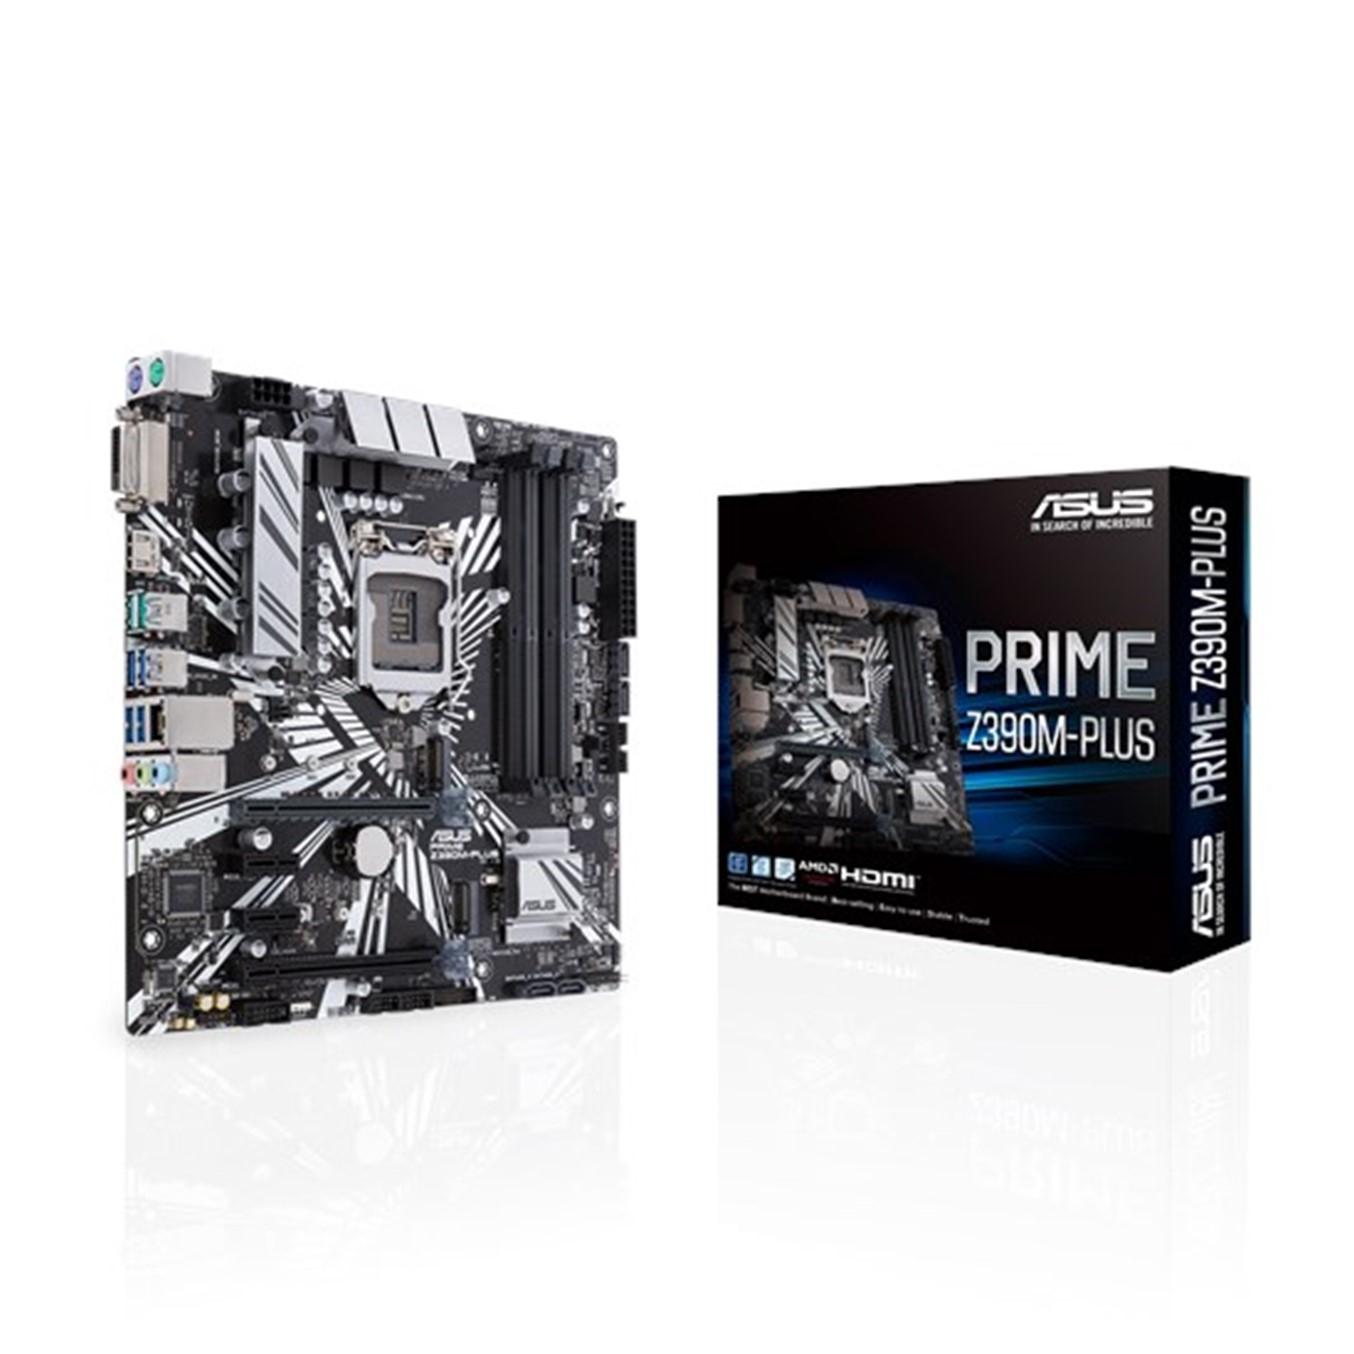 PRIME-Z390M-PLUS